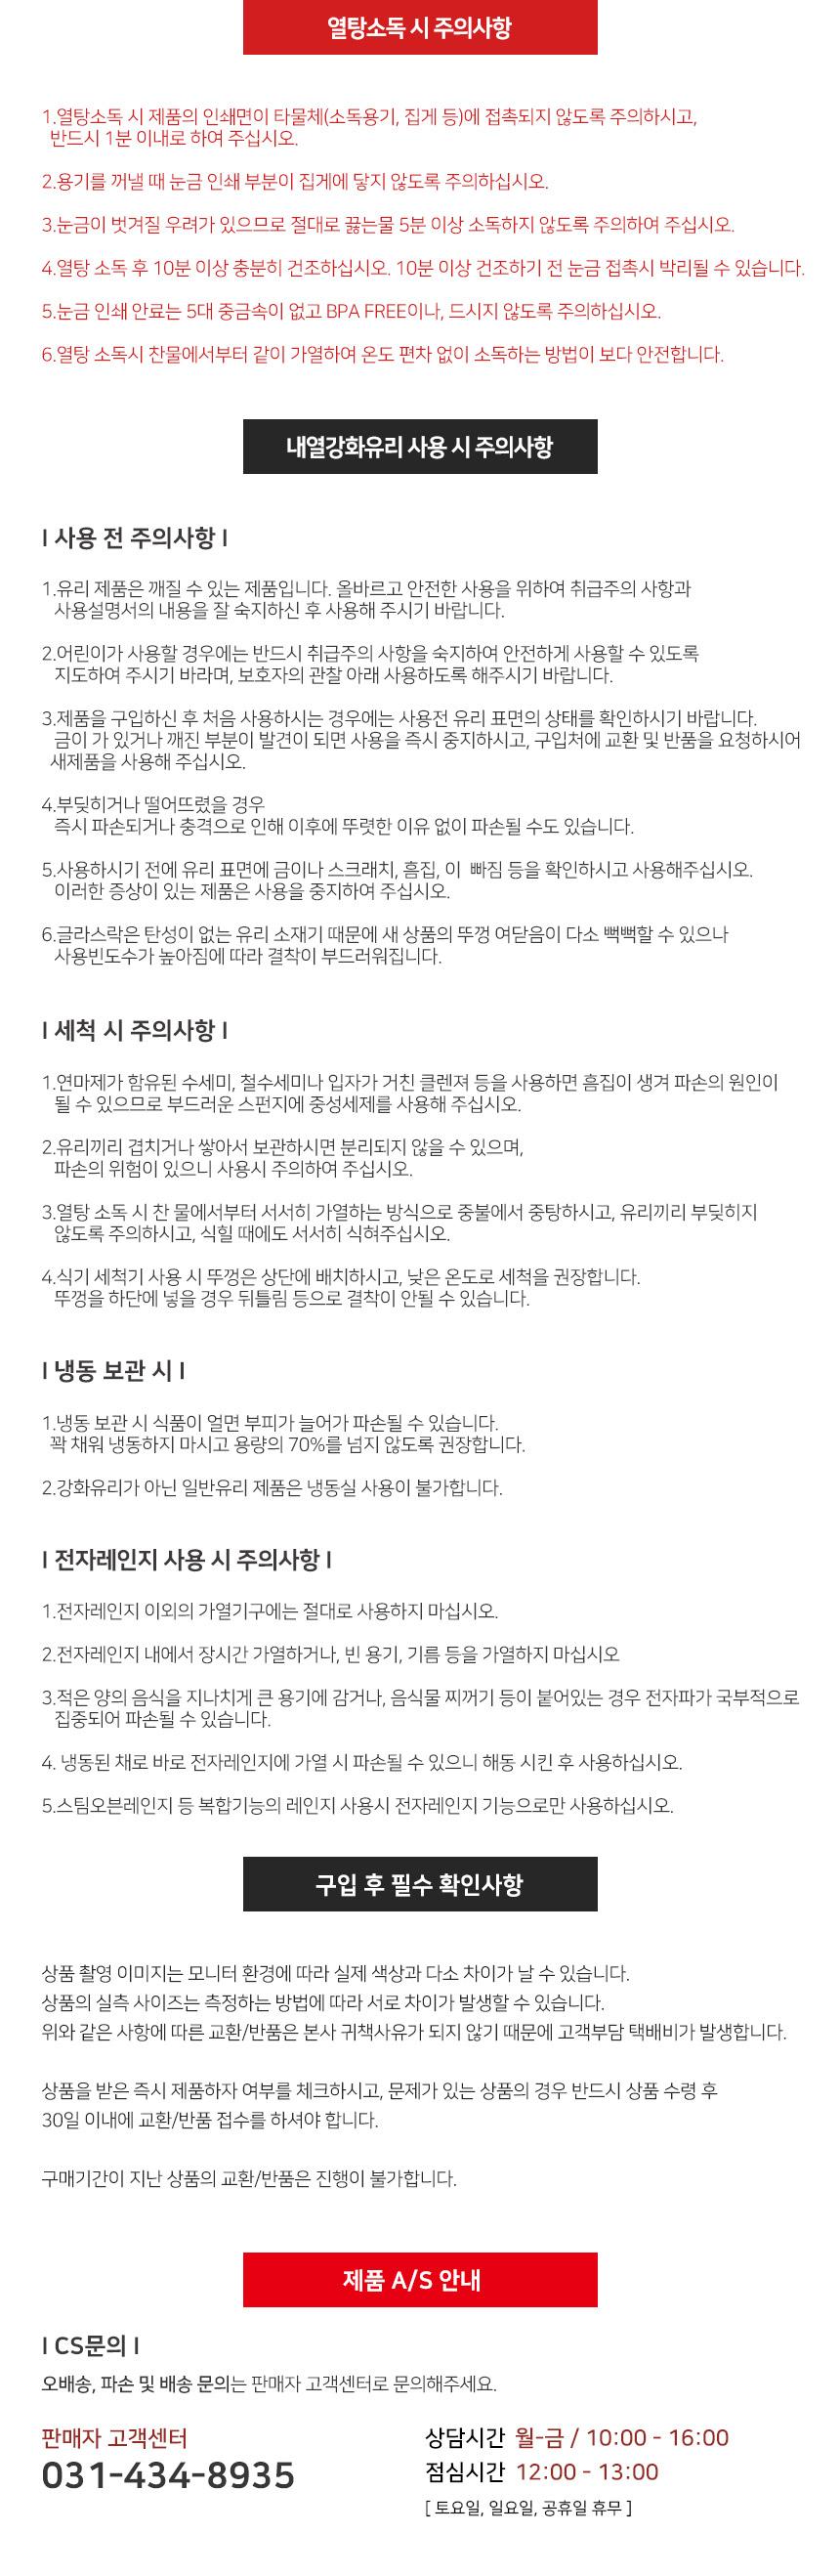 ★주의사항-눈금이유식기(스마일캡).jpg